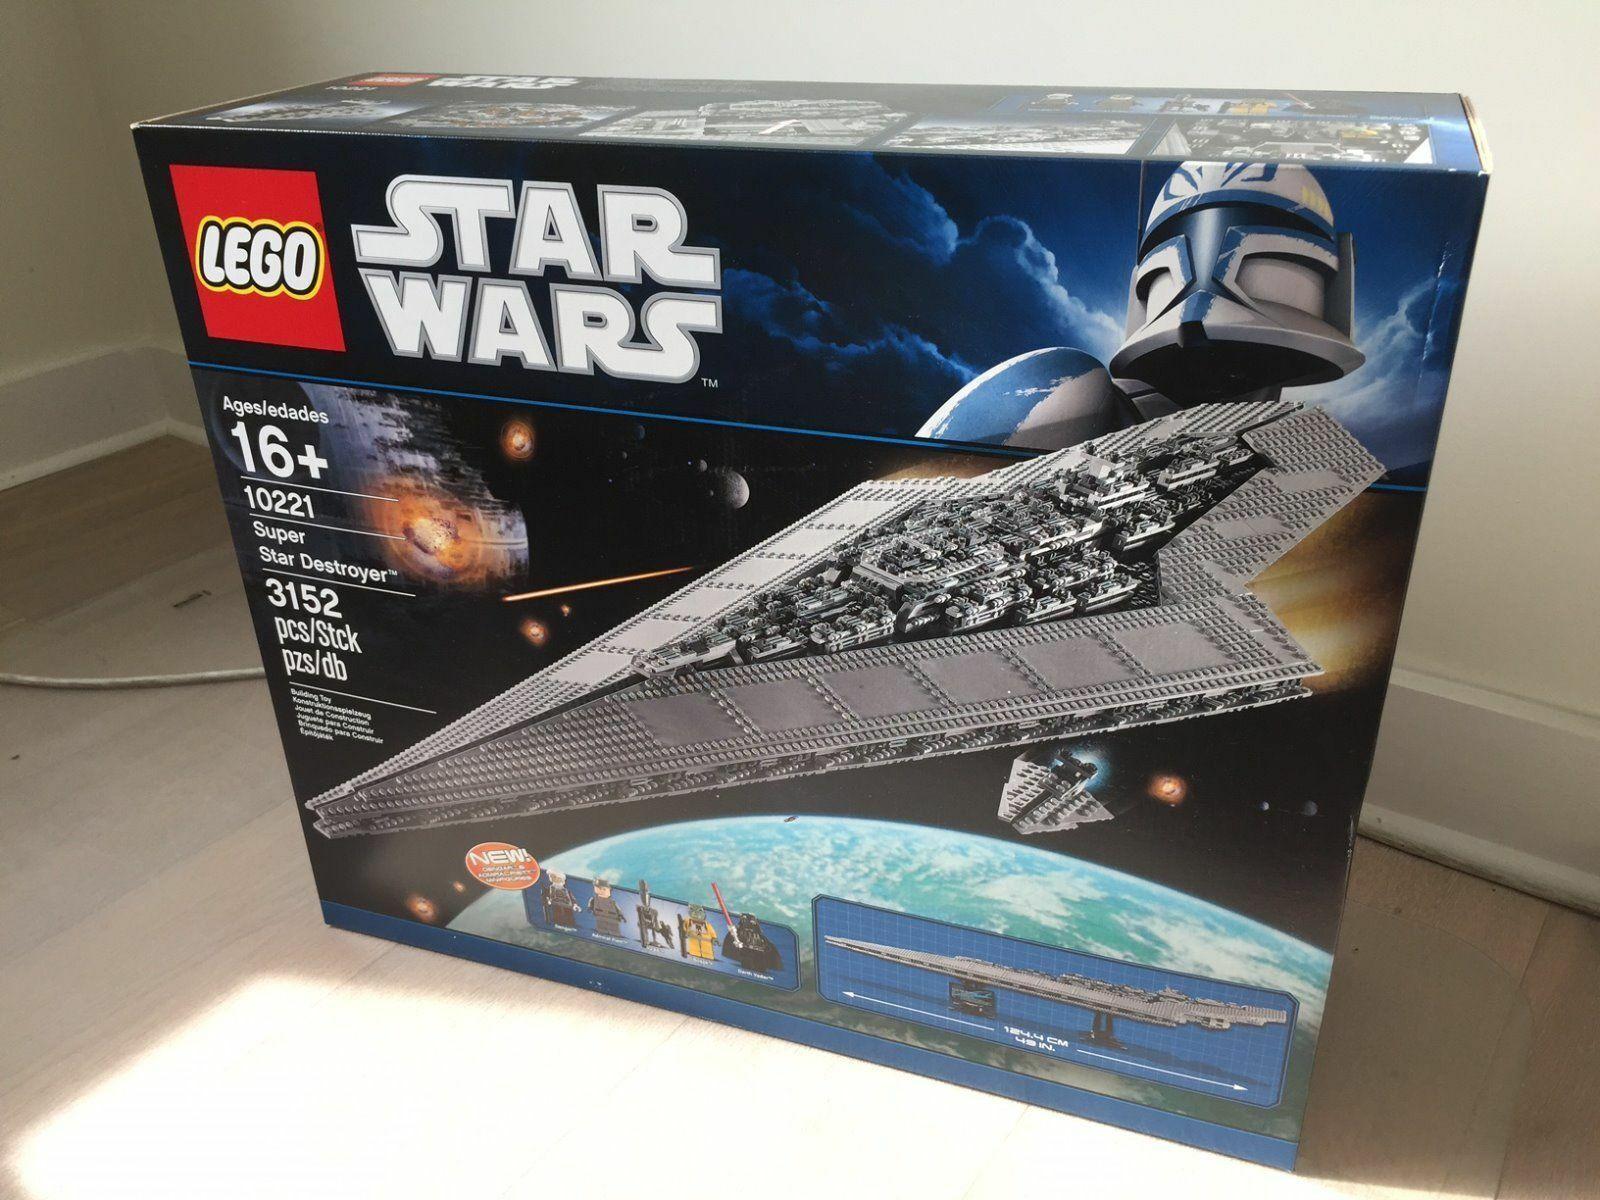 benvenuto per ordinare LEGO estrella guerras 10221 UCS SUPER estrella DESTROYER NIEUW- nuovo- nuovo- nuovo- NEUF- NEU  negozio a basso costo